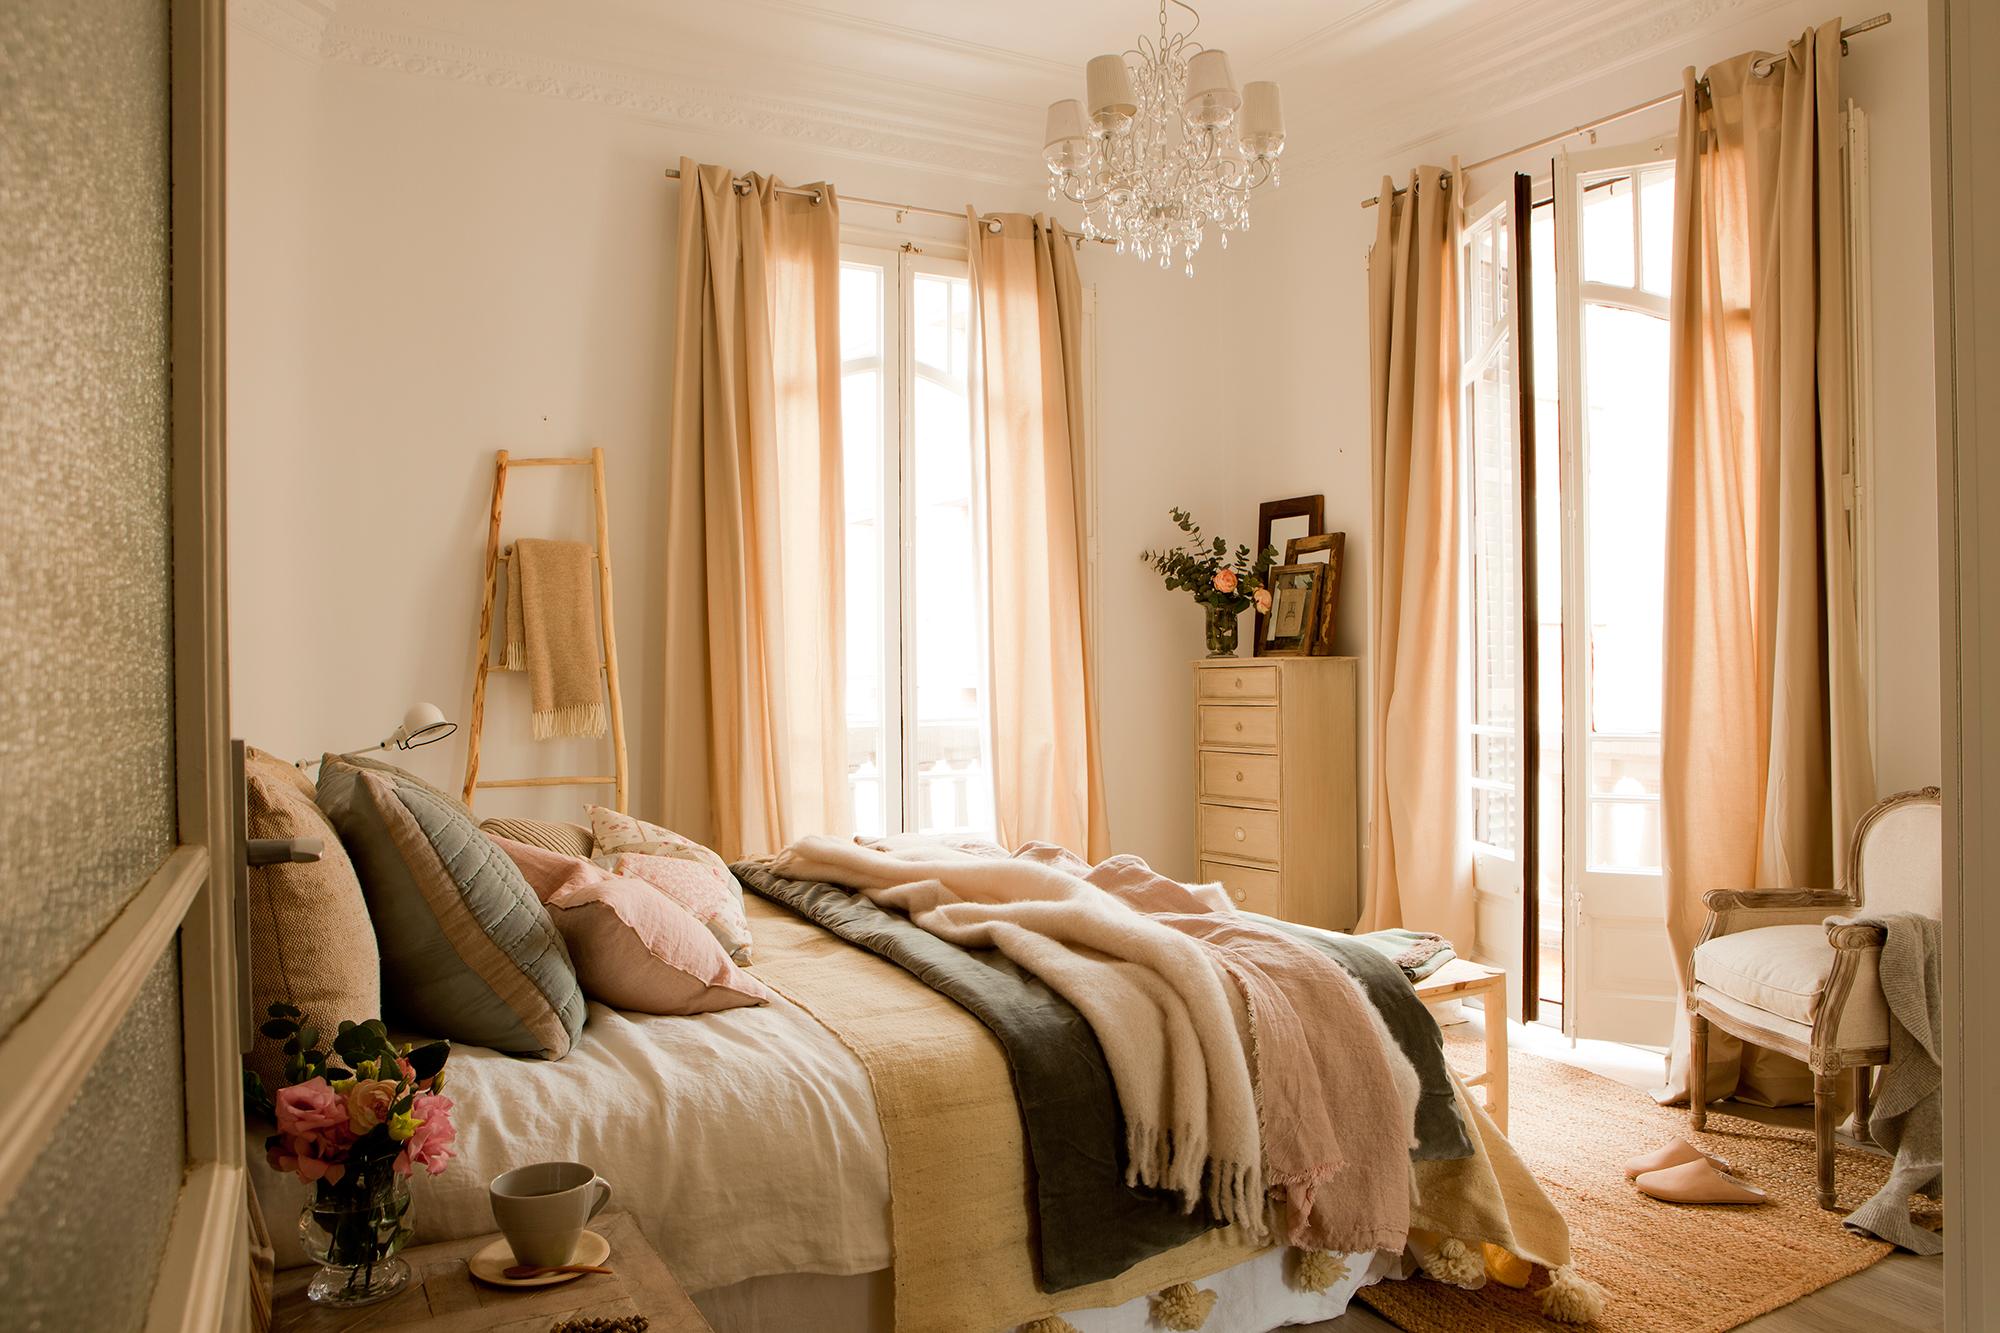 20 dormitorios de todos los estilos for Cuadros dormitorio clasico